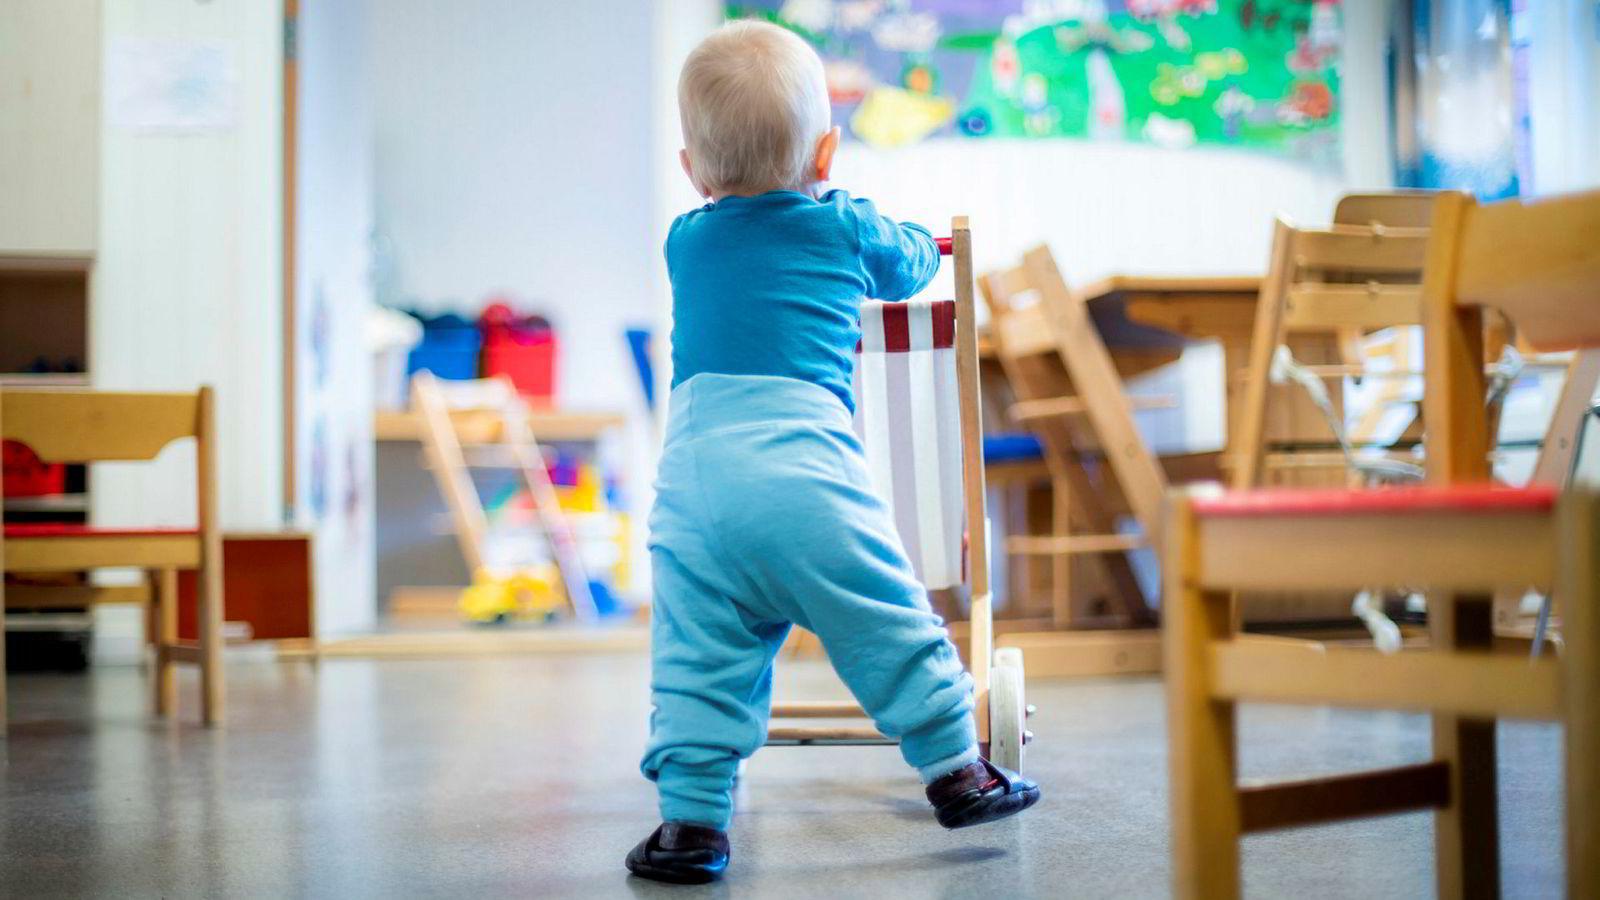 En økning i kontantstøtteberettigelsen på én krone reduserer mors inntekt med rundt 20 øre det året barnet fyller to år, skriver artikkelforfatteren.